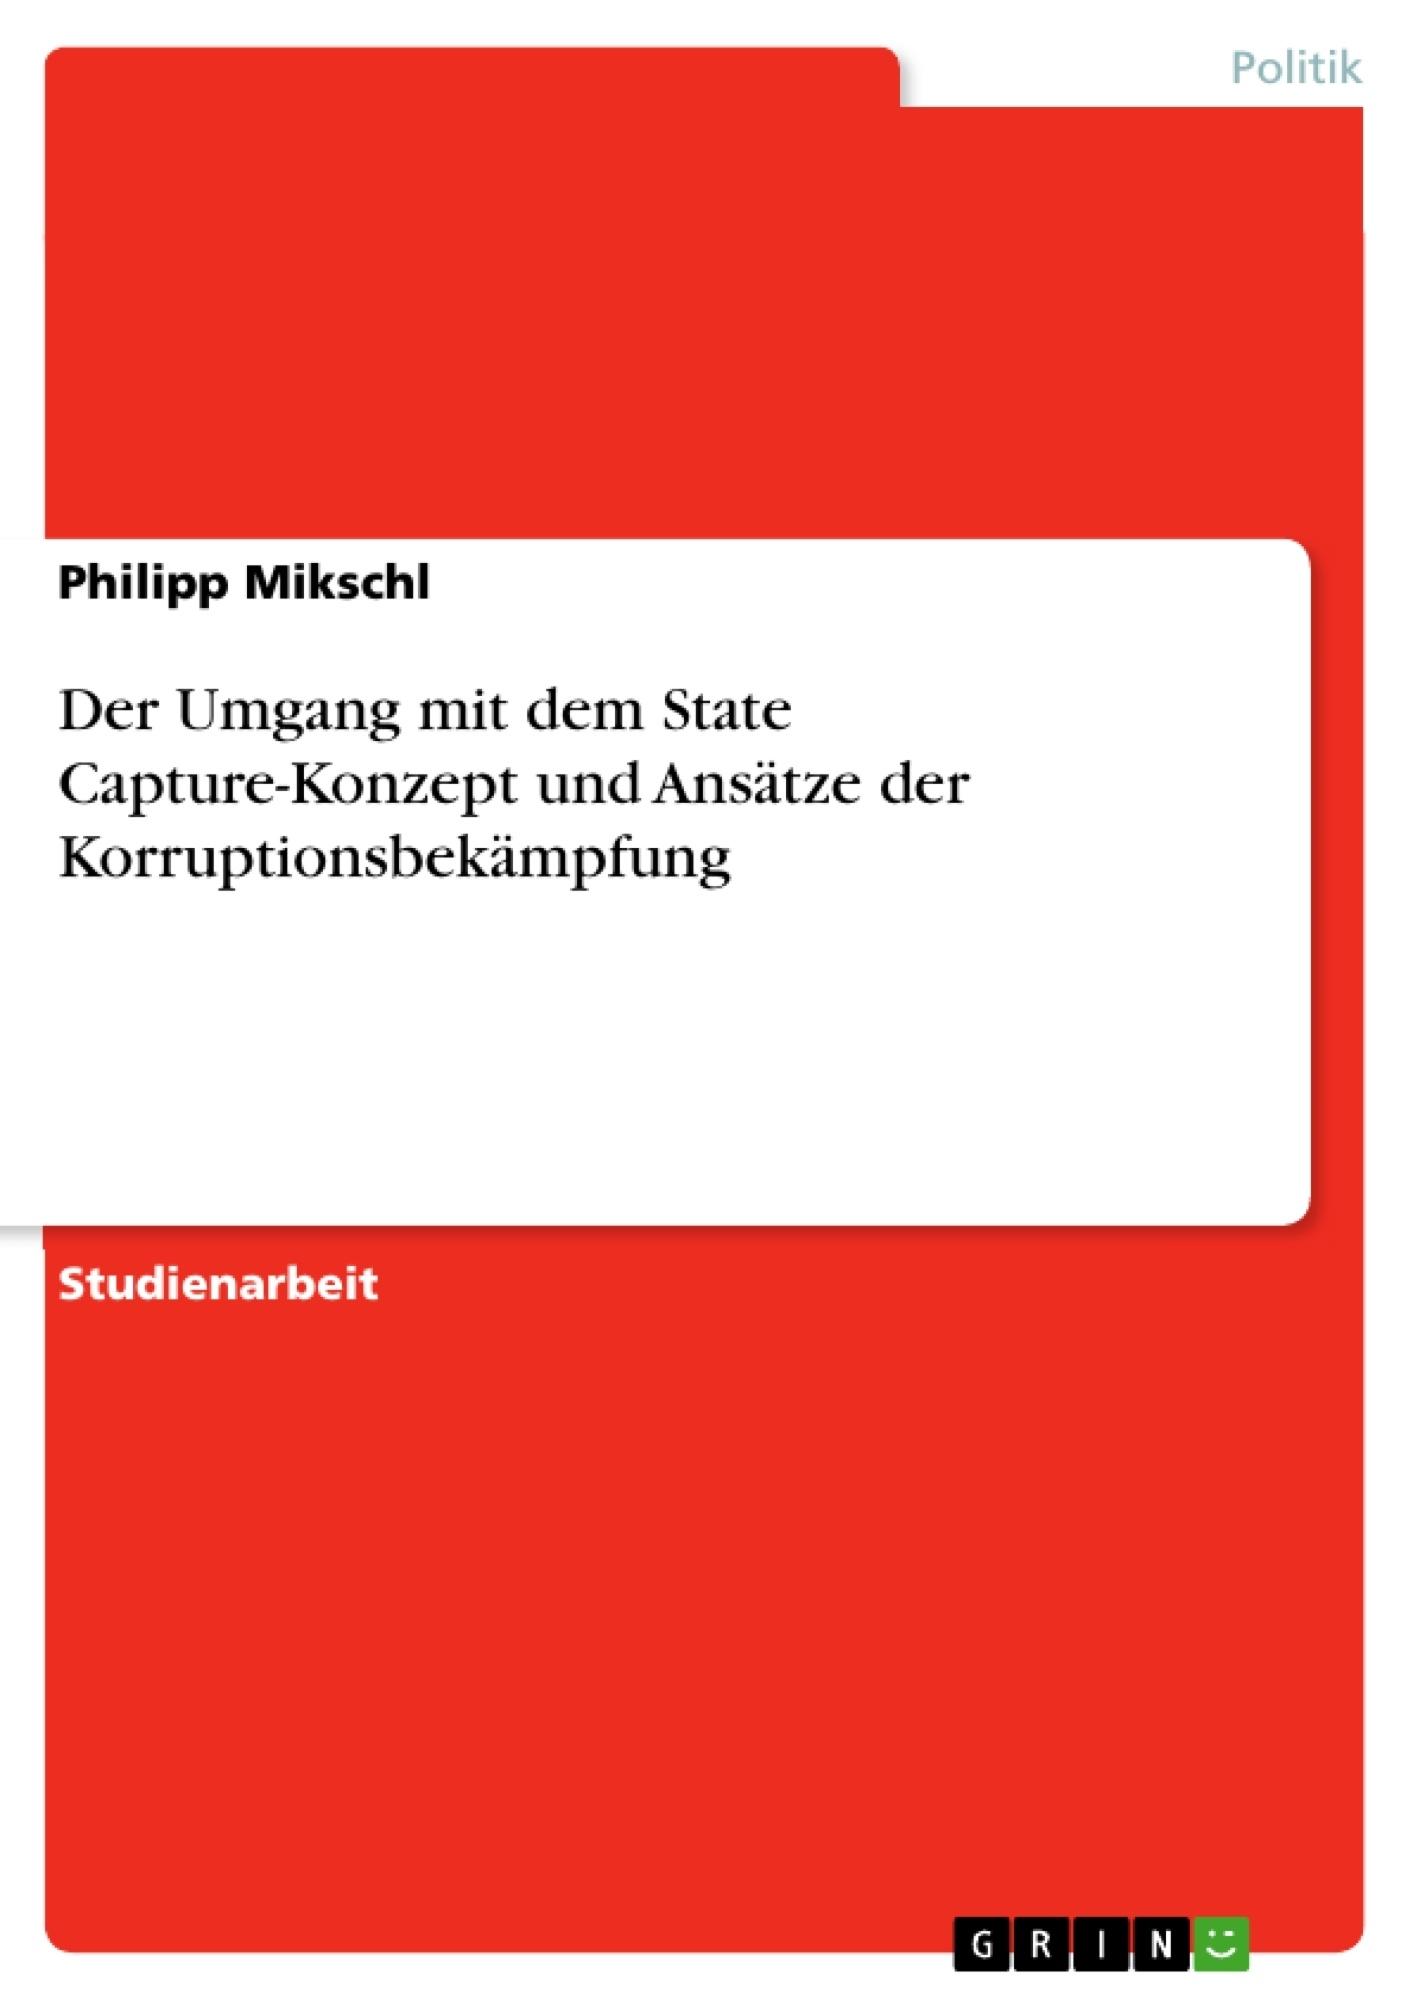 Titel: Der Umgang mit dem State Capture-Konzept und Ansätze der Korruptionsbekämpfung